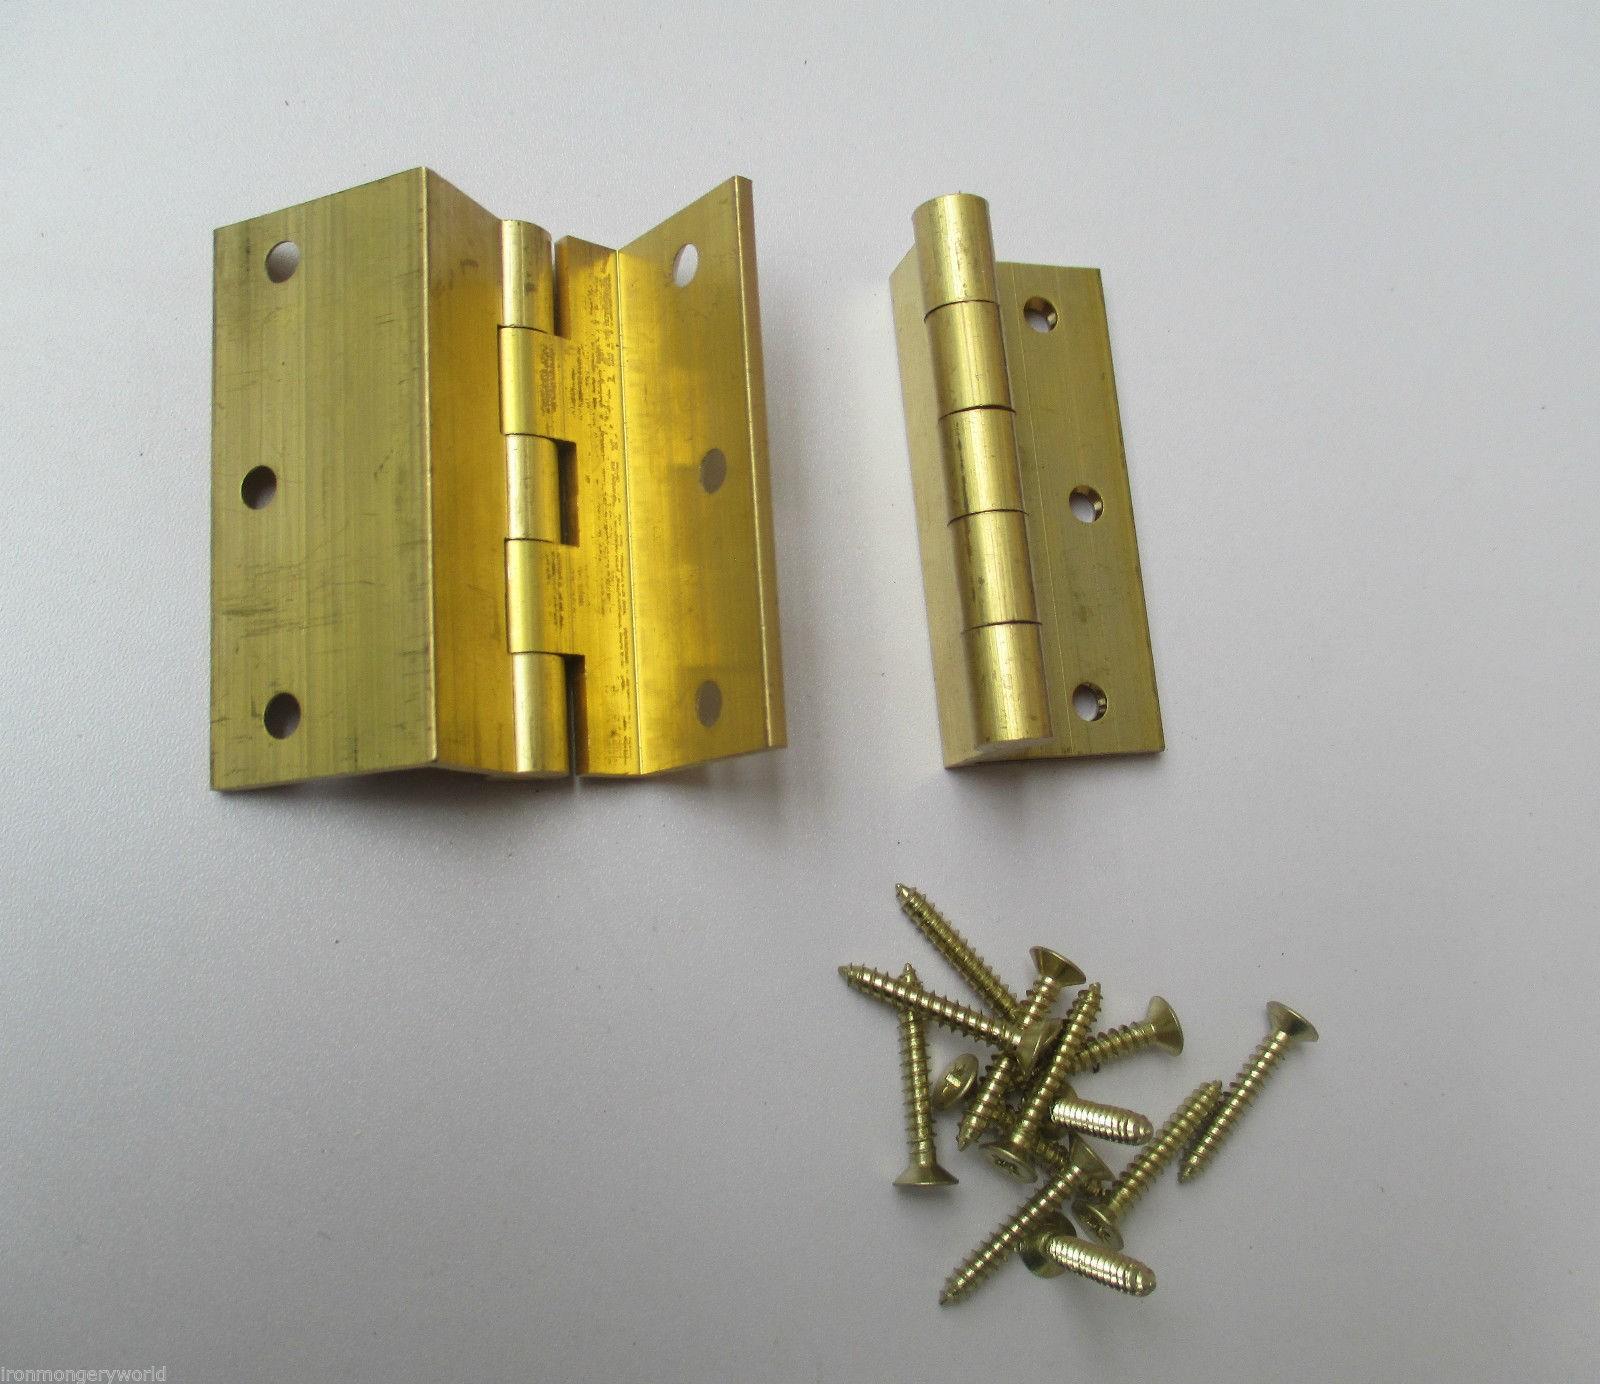 2 x solid brass storm proof top hung window hinge cranked for Salt air resistant door hardware